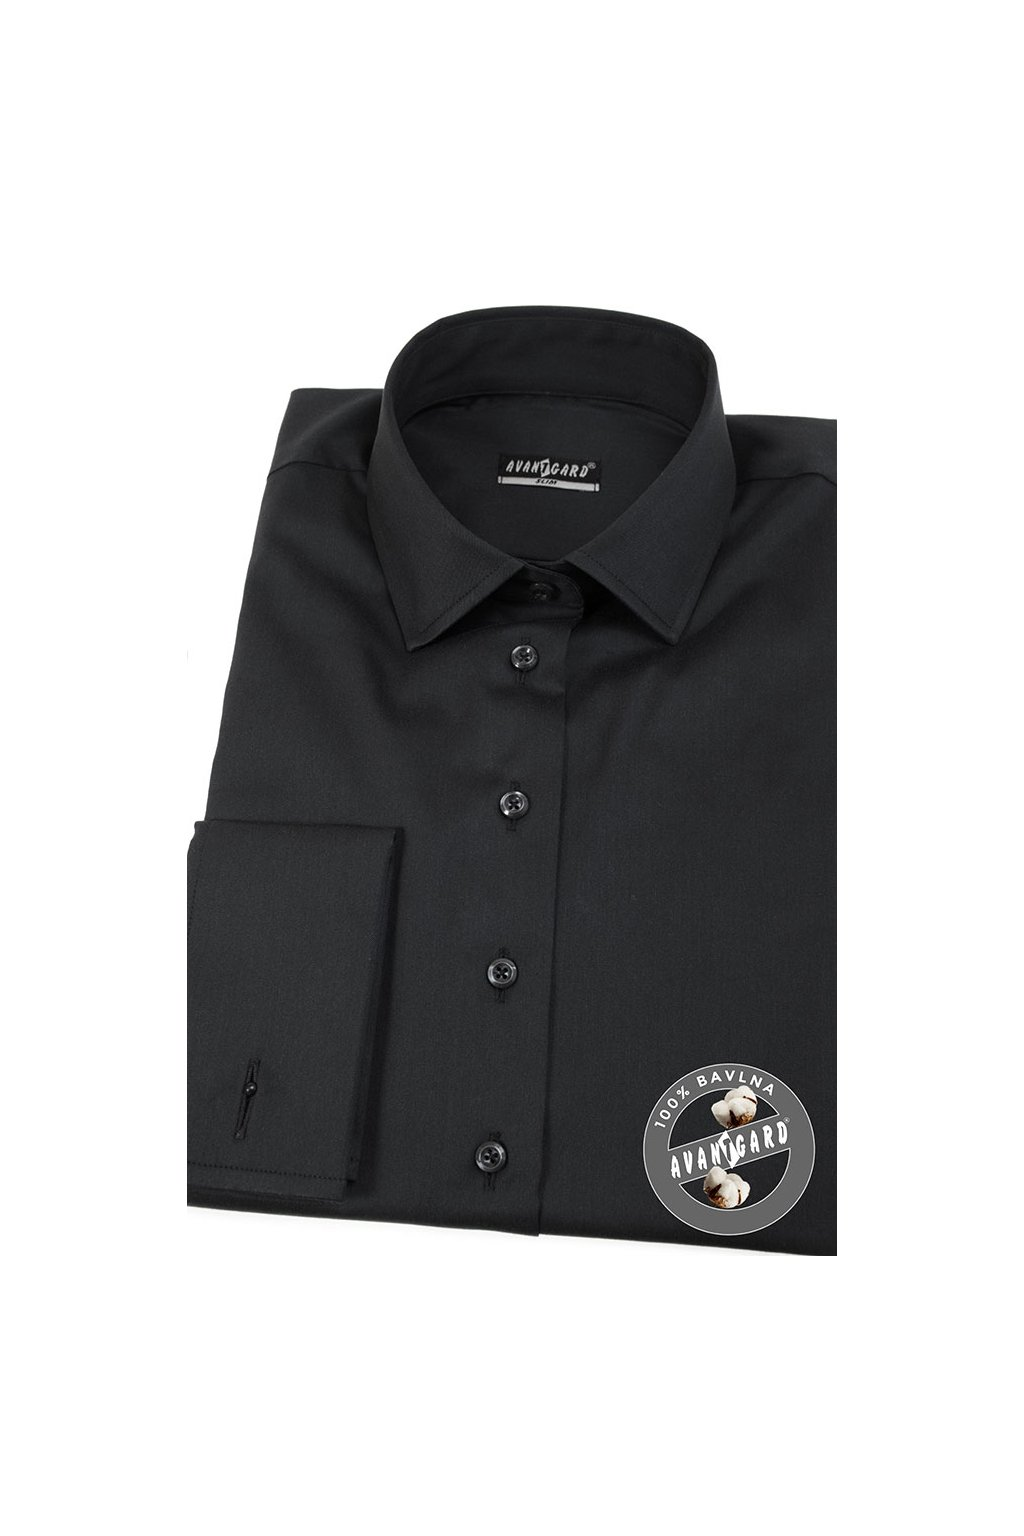 Dámská košile na MK černá 722 - 2323